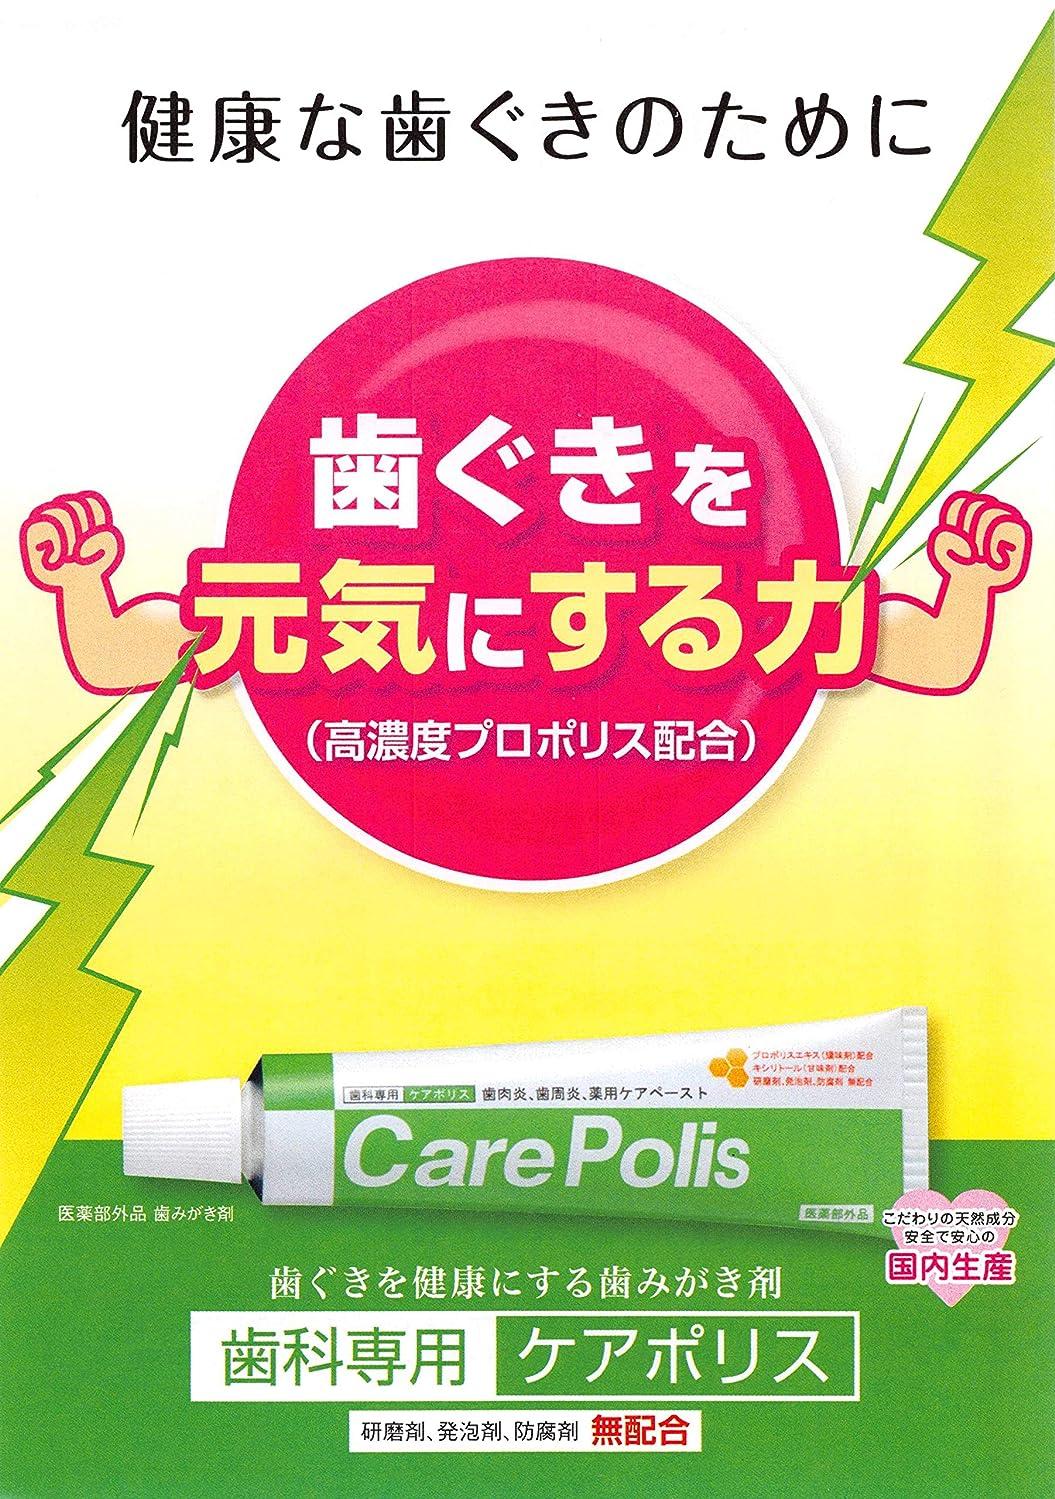 カナダ芝生ブロック薬用歯磨 ケアポリス 75g×4箱  医薬部外品